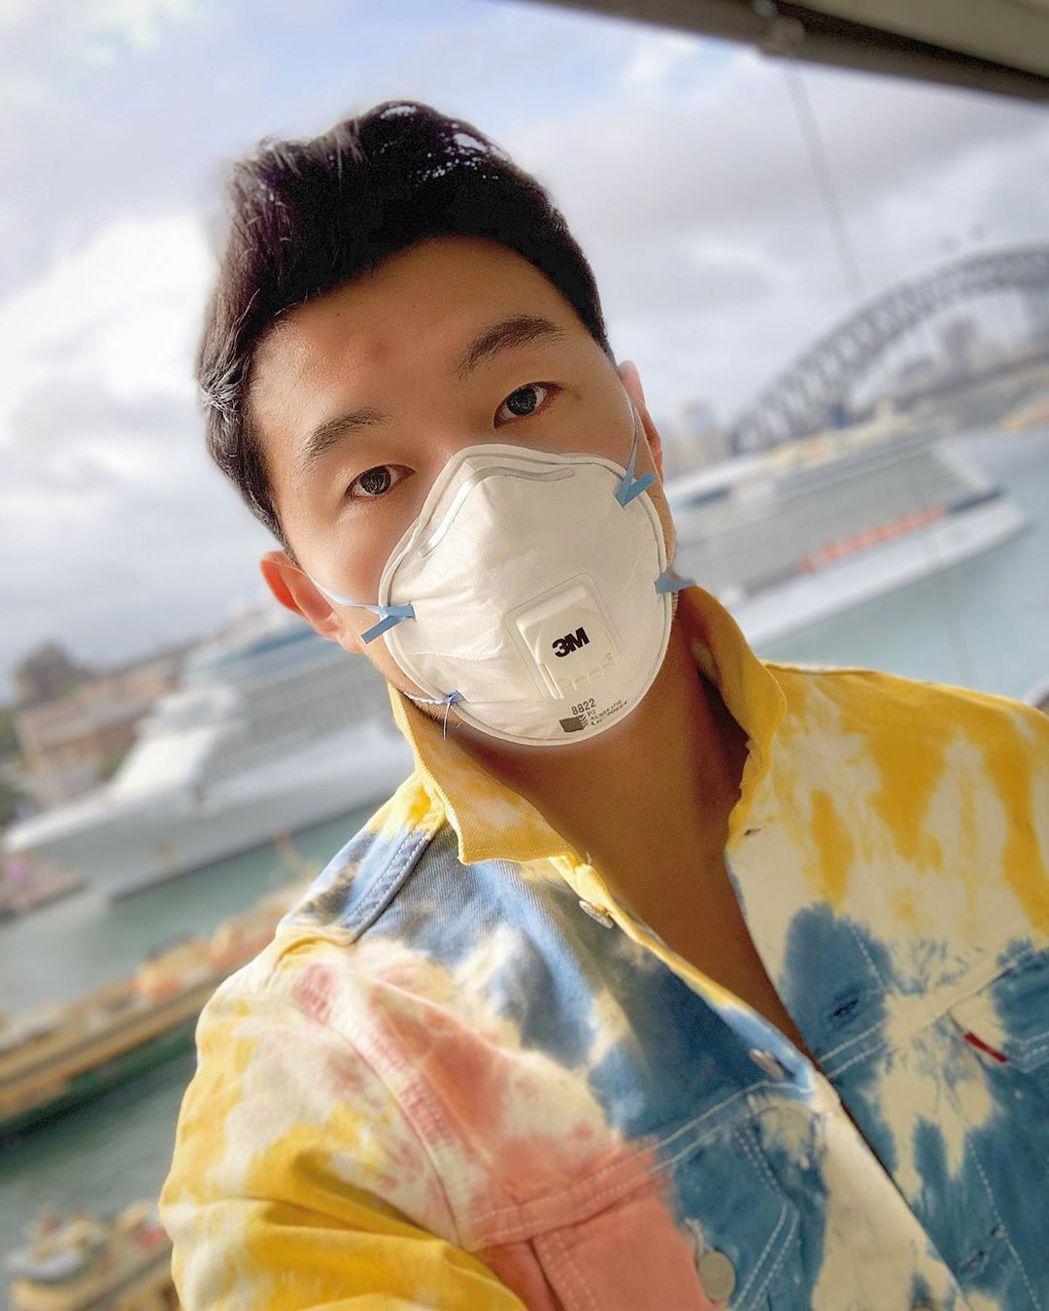 「上氣」男主角劉思慕之前就已發布戴口罩自保的照片。圖/摘自Instagram